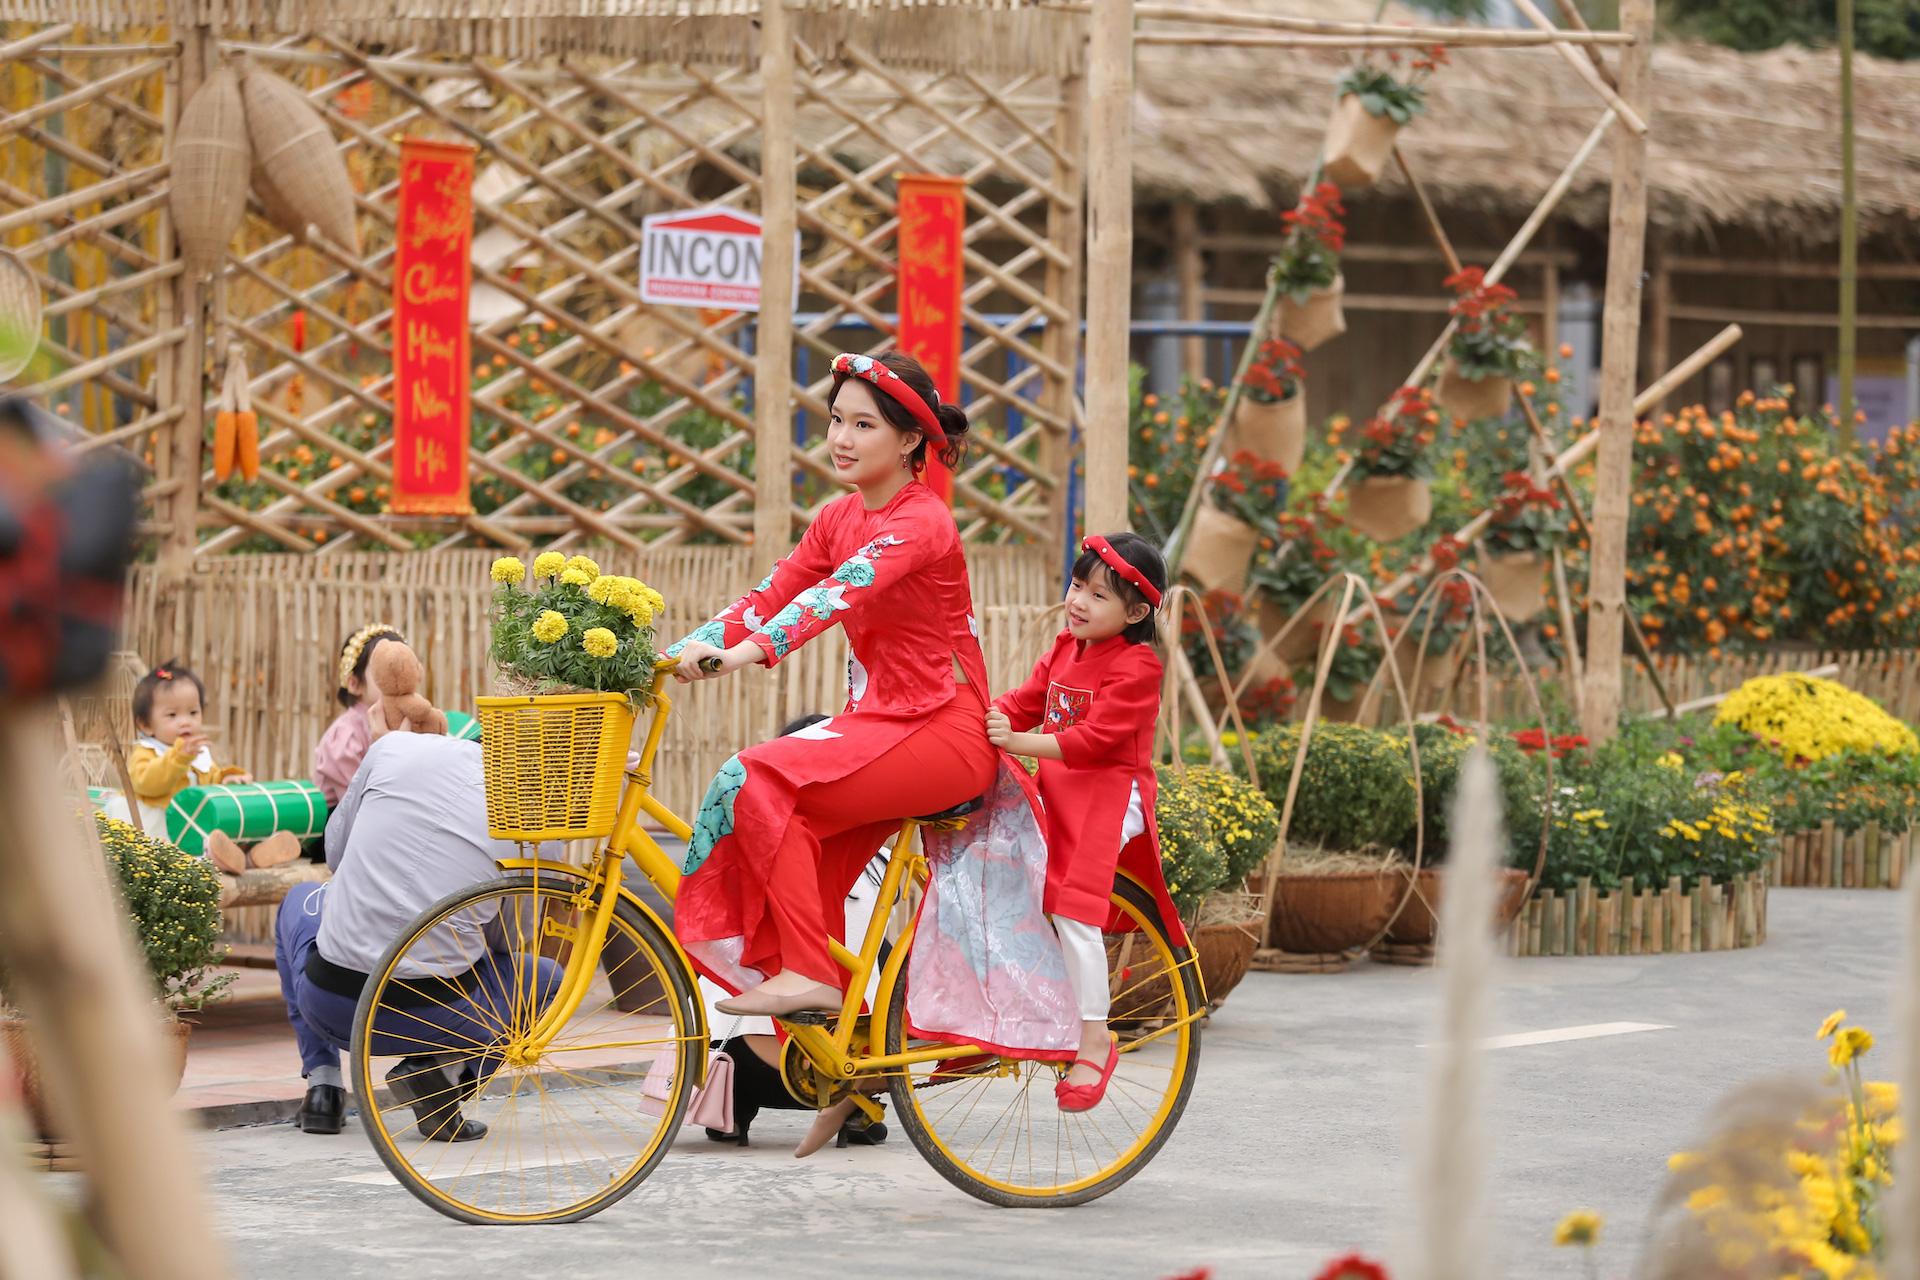 Mở cửa đường hoa Home Hanoi Xuan 2021 - Ảnh 7.